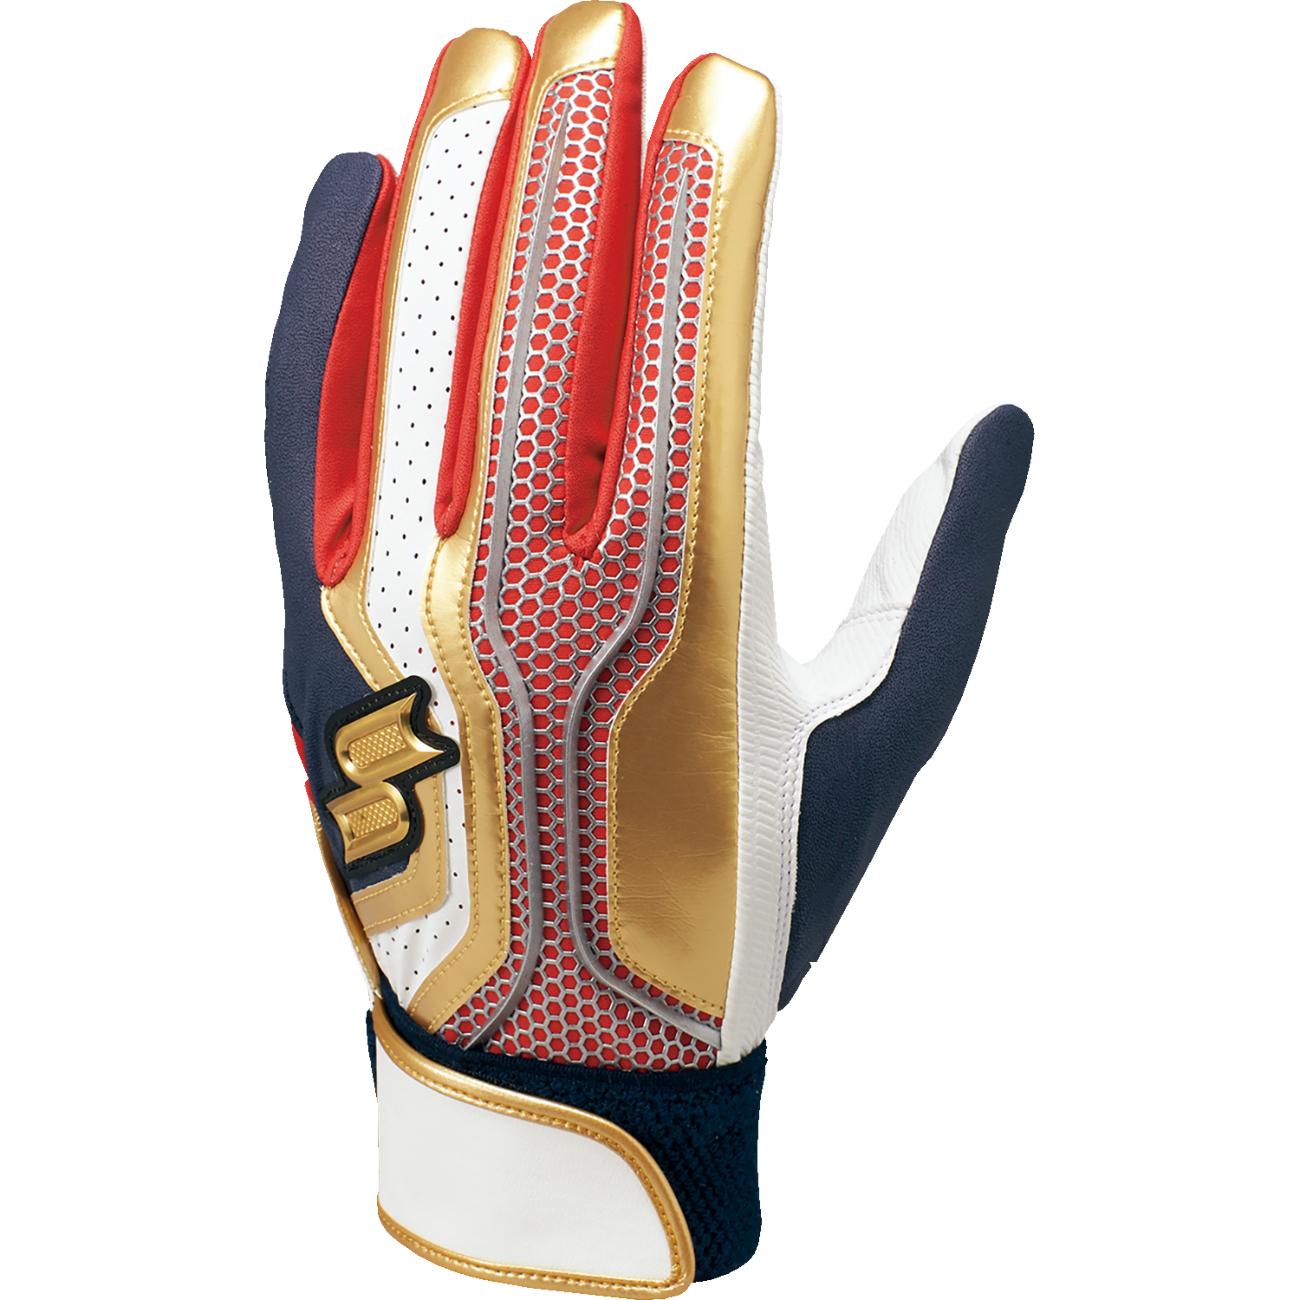 【proedge(プロエッジ)】一般用シングルバンド手袋(両手) レッド×ネイビー×ゴールド